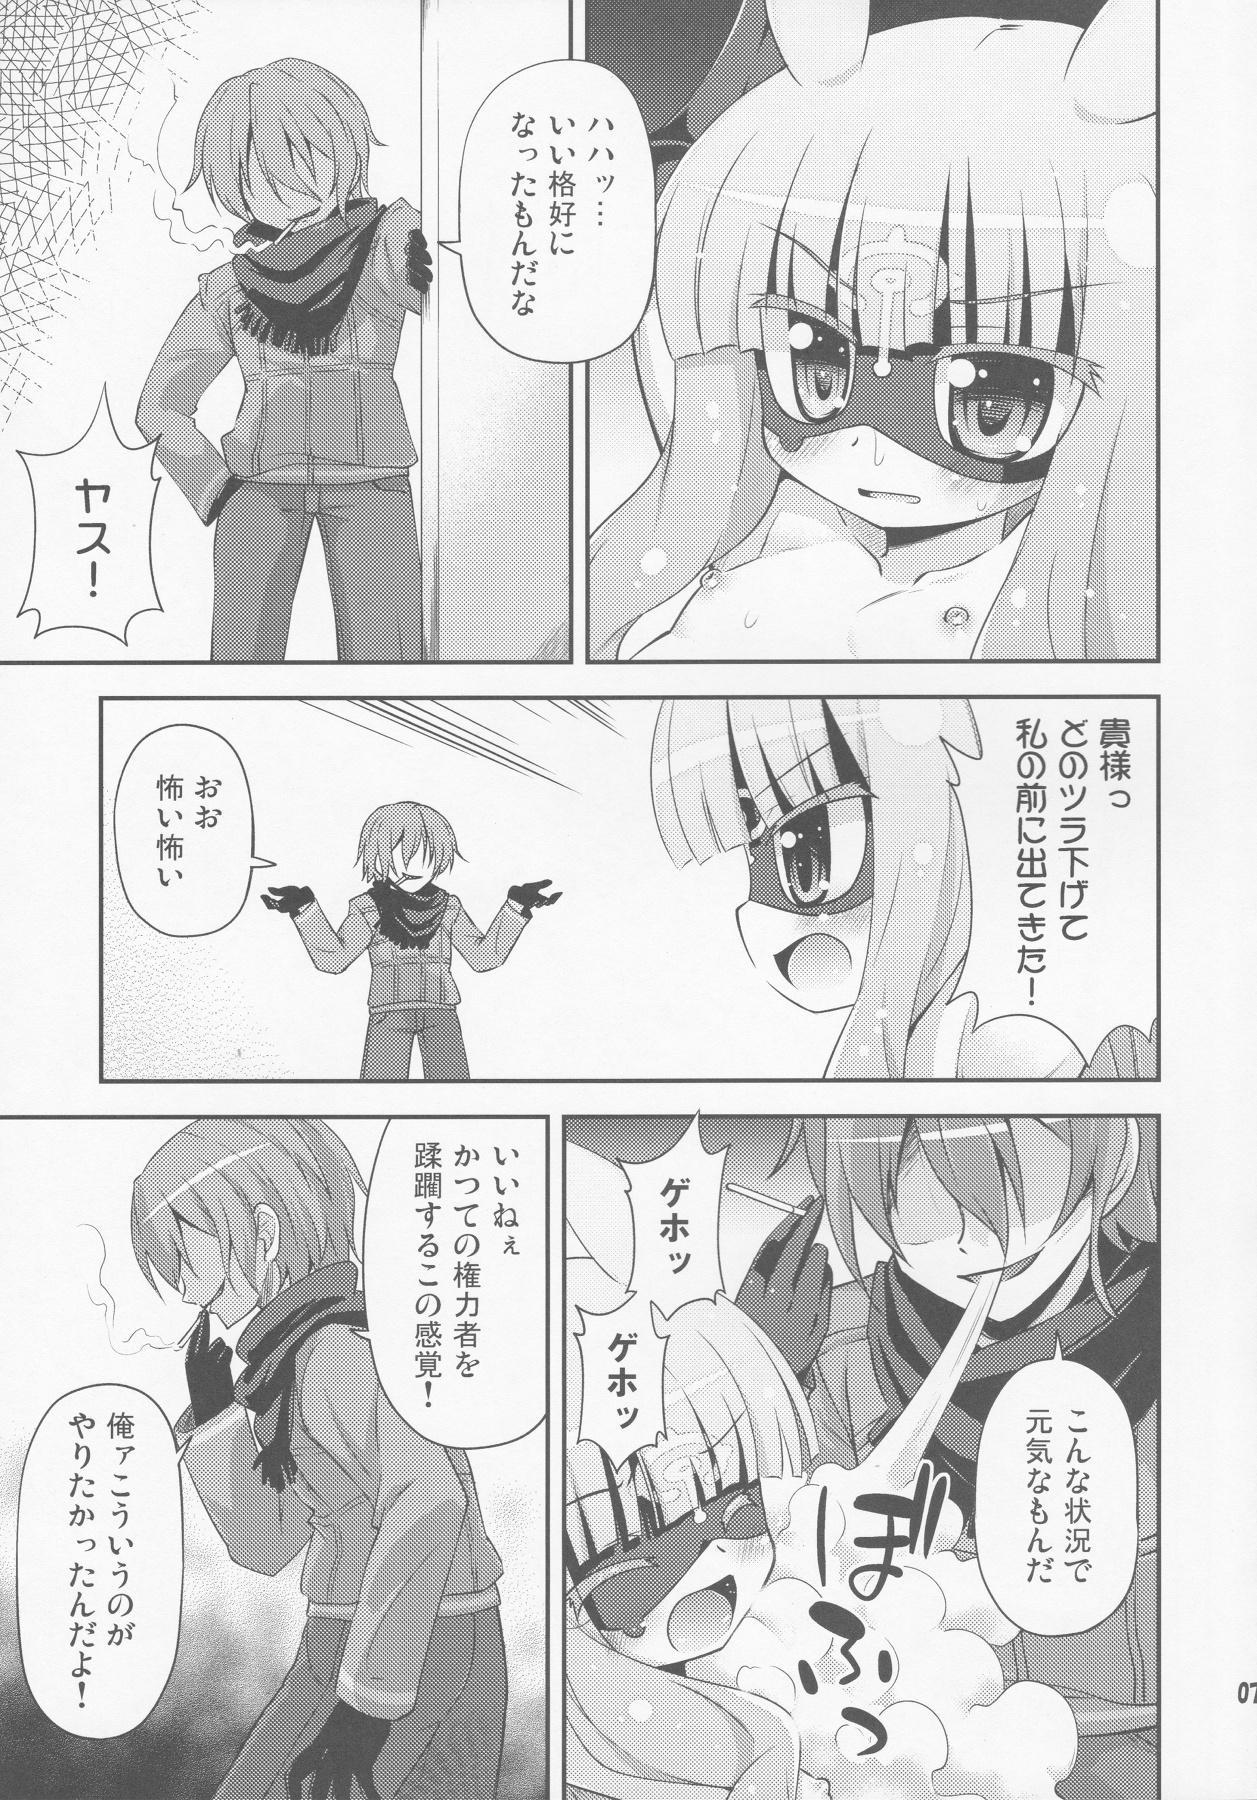 Венера Sama Ni Seifuku Jikko! 5